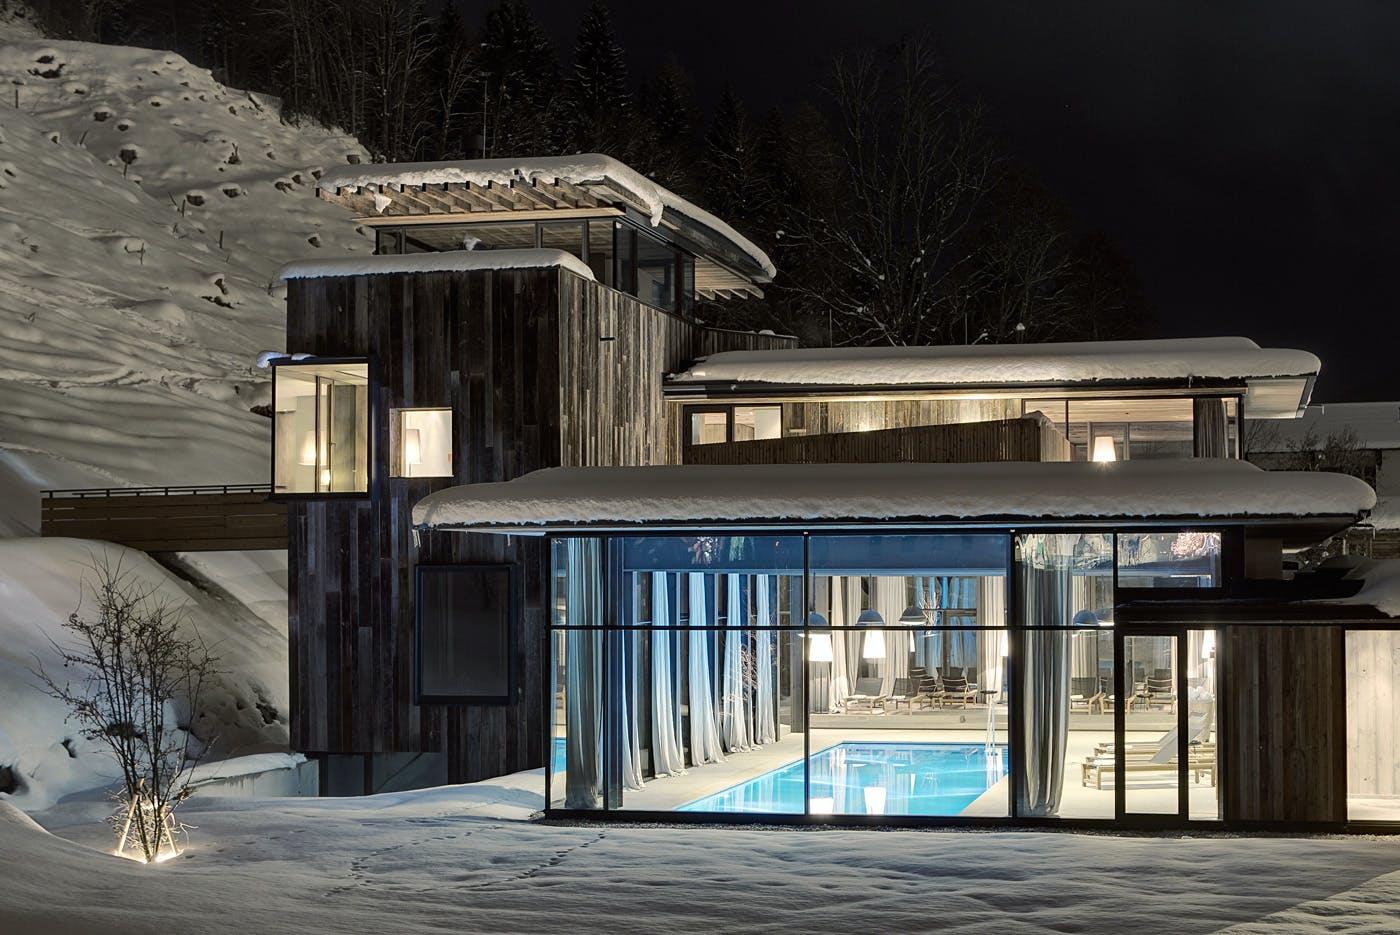 tirol designhotel showcase hotel wiesergut by gogl architekten features